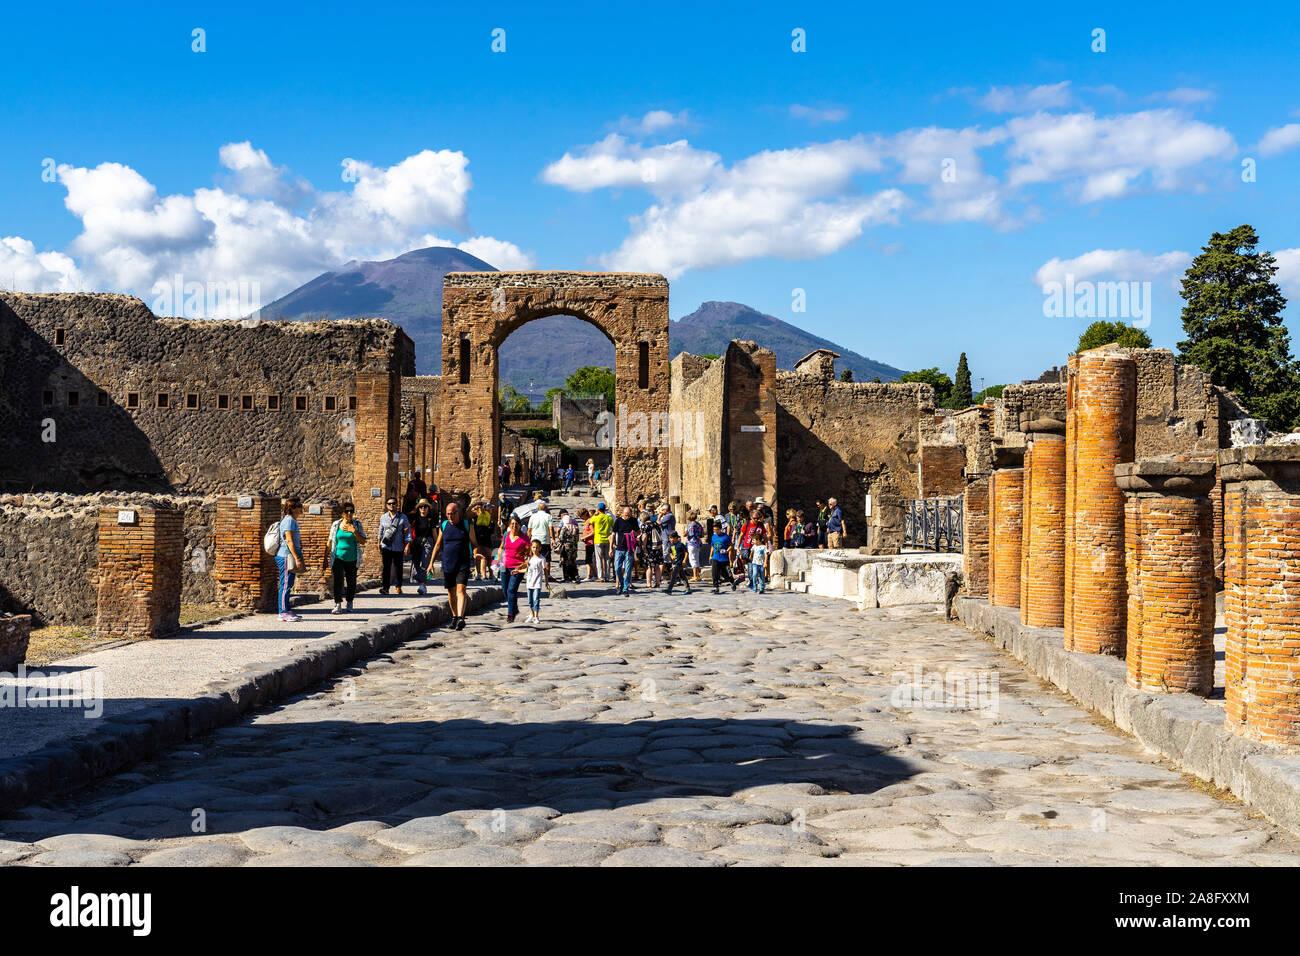 Vista de la via del Foro en la antigua ciudad de Pompeya con el arco de Calígula y el Monte Vesubio en el fondo. Pompeya, Italia, en octubre de 2019 Foto de stock